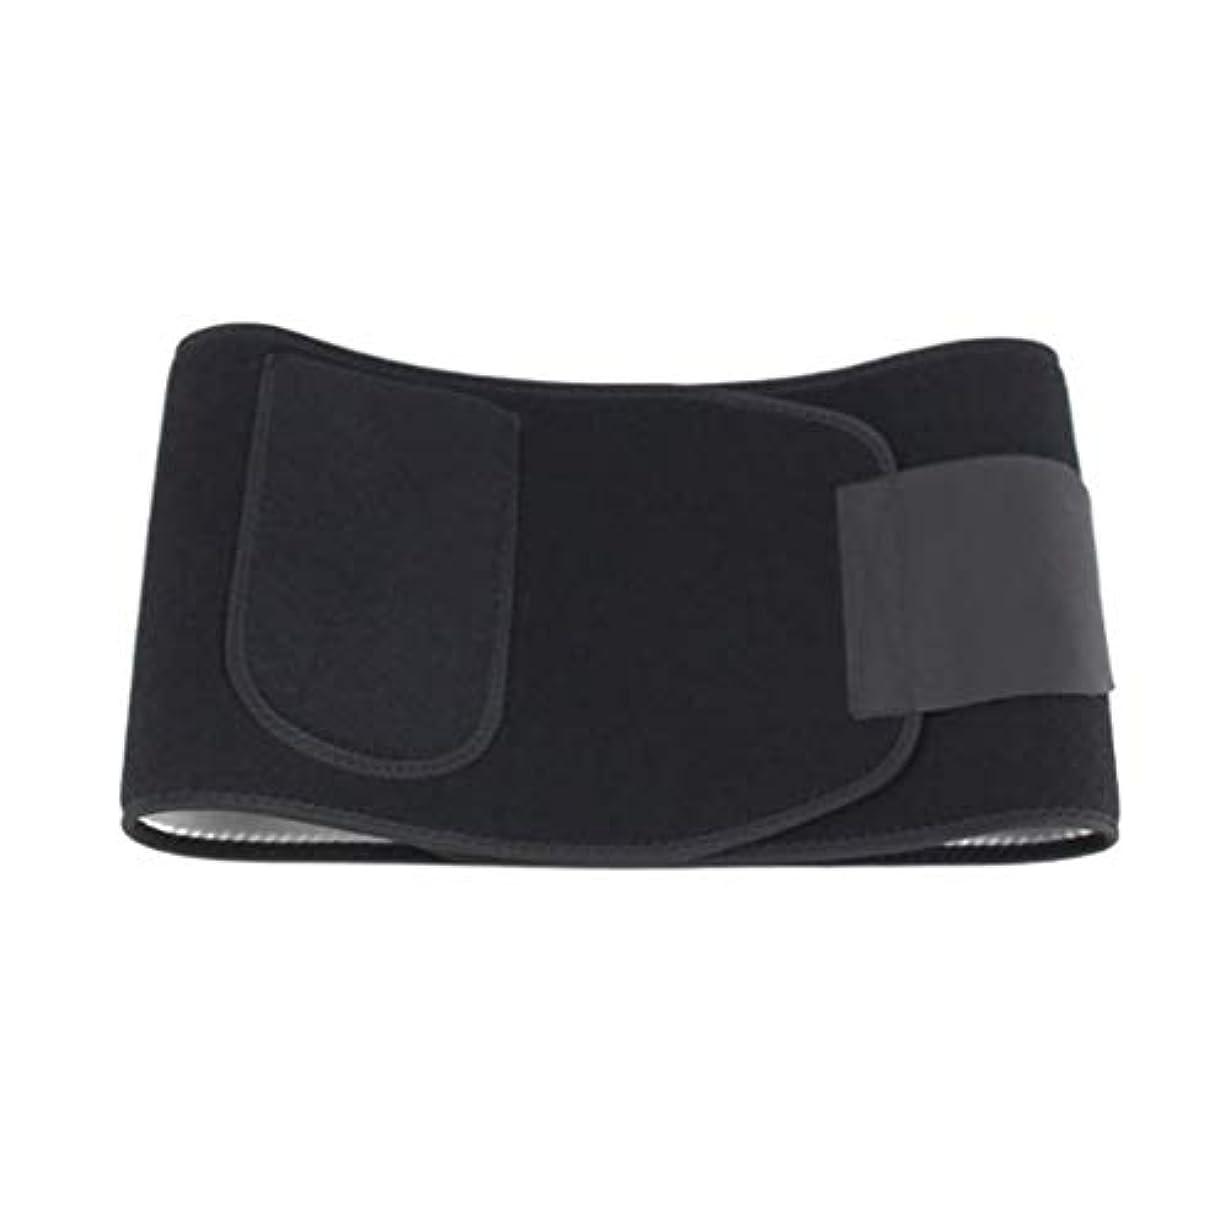 崩壊ベルベットスチュワーデスウエスト/腰暖かいベルト、携帯用バックサポートベルト、ワーキング/スポーツ/フィットネスのために適切な弾性シェーピングスリミングスポーツベルト、